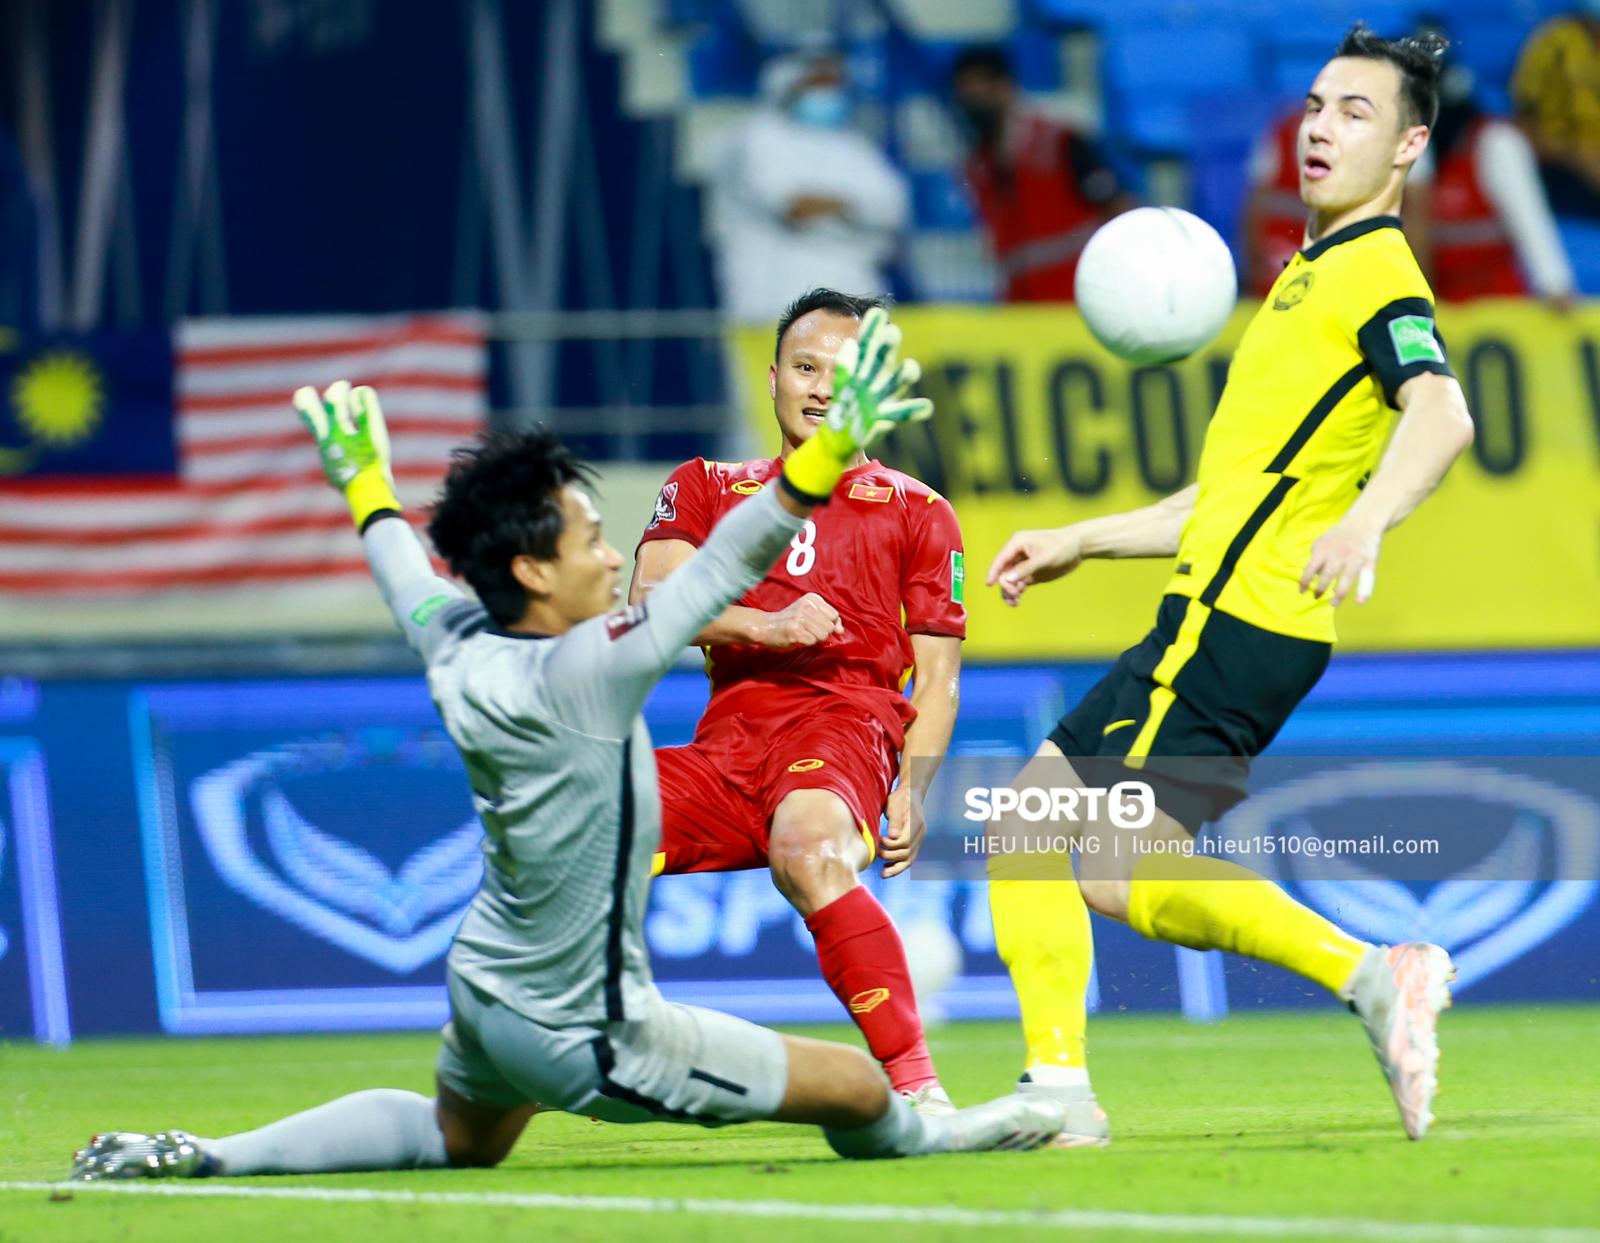 Hoàng Đức chơi hay bất ngờ, thay thế hoàn hảo cho Tuấn Anh ở tuyển Việt Nam - Ảnh 7.